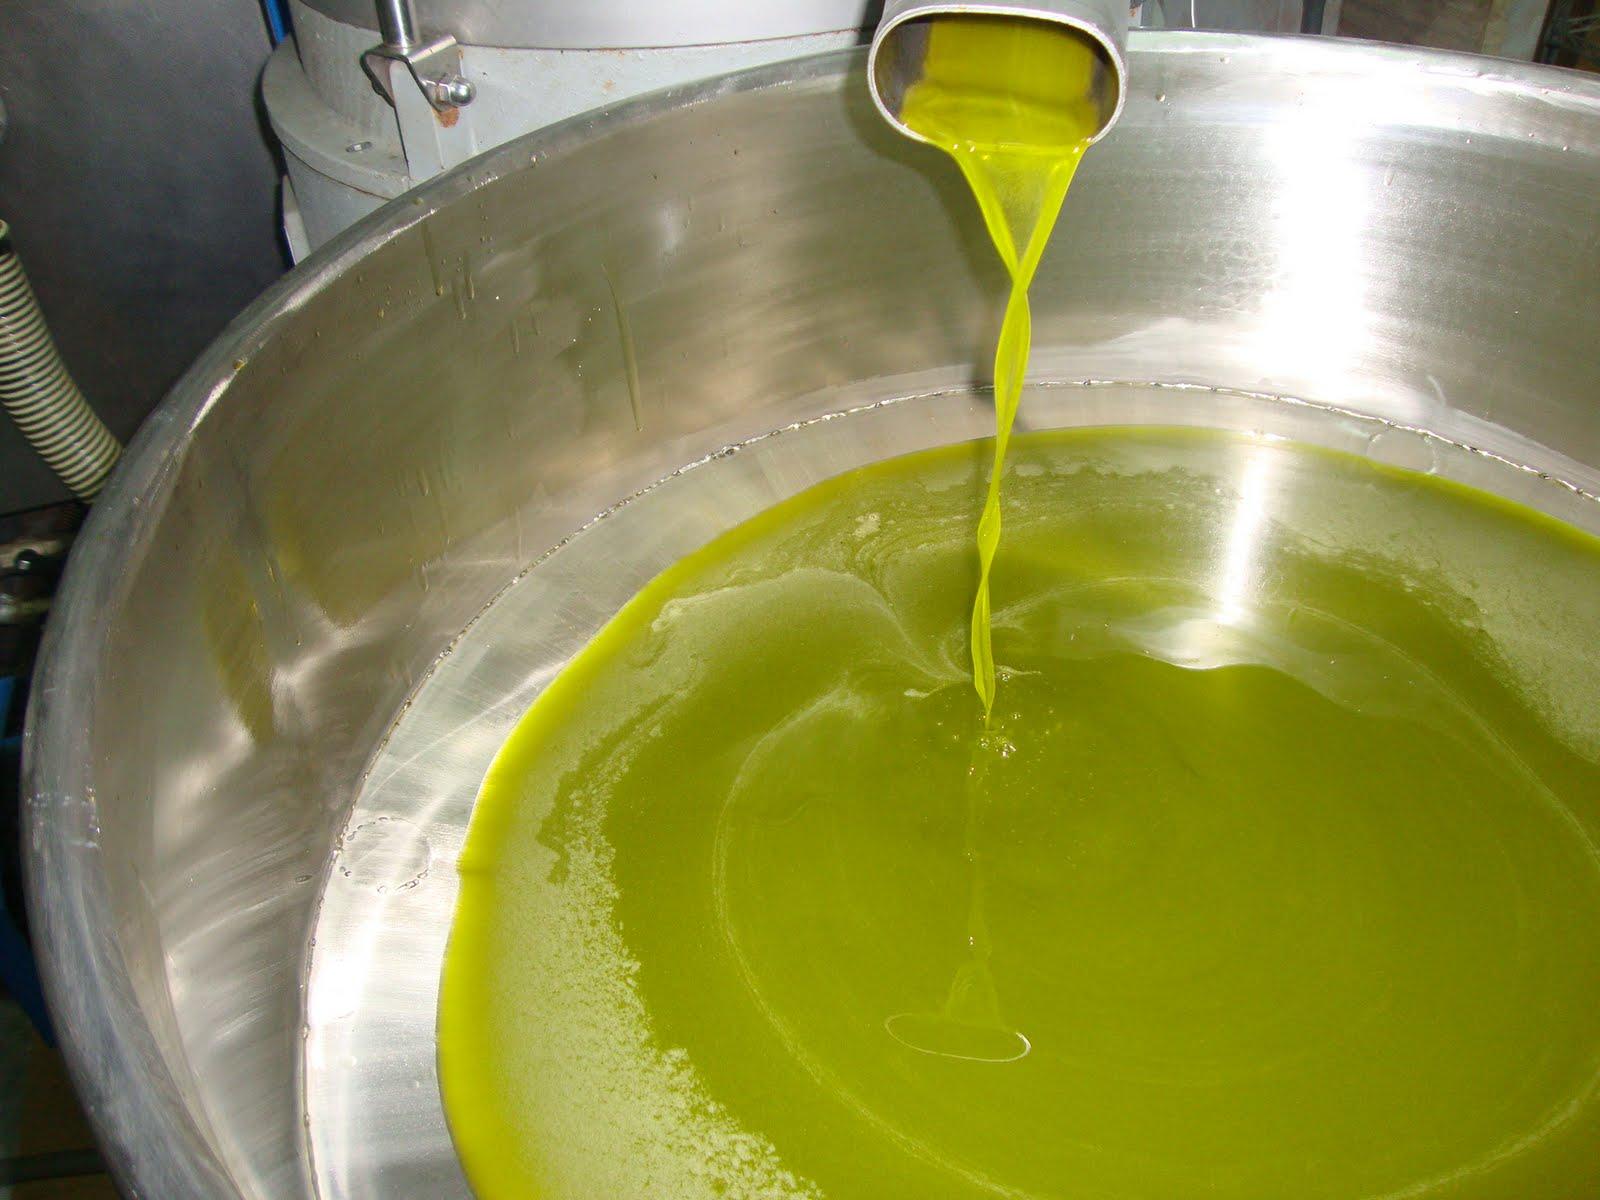 L'OLIO EXTRAVERGINE DI OLIVA è l'olio migliore per la frittura?